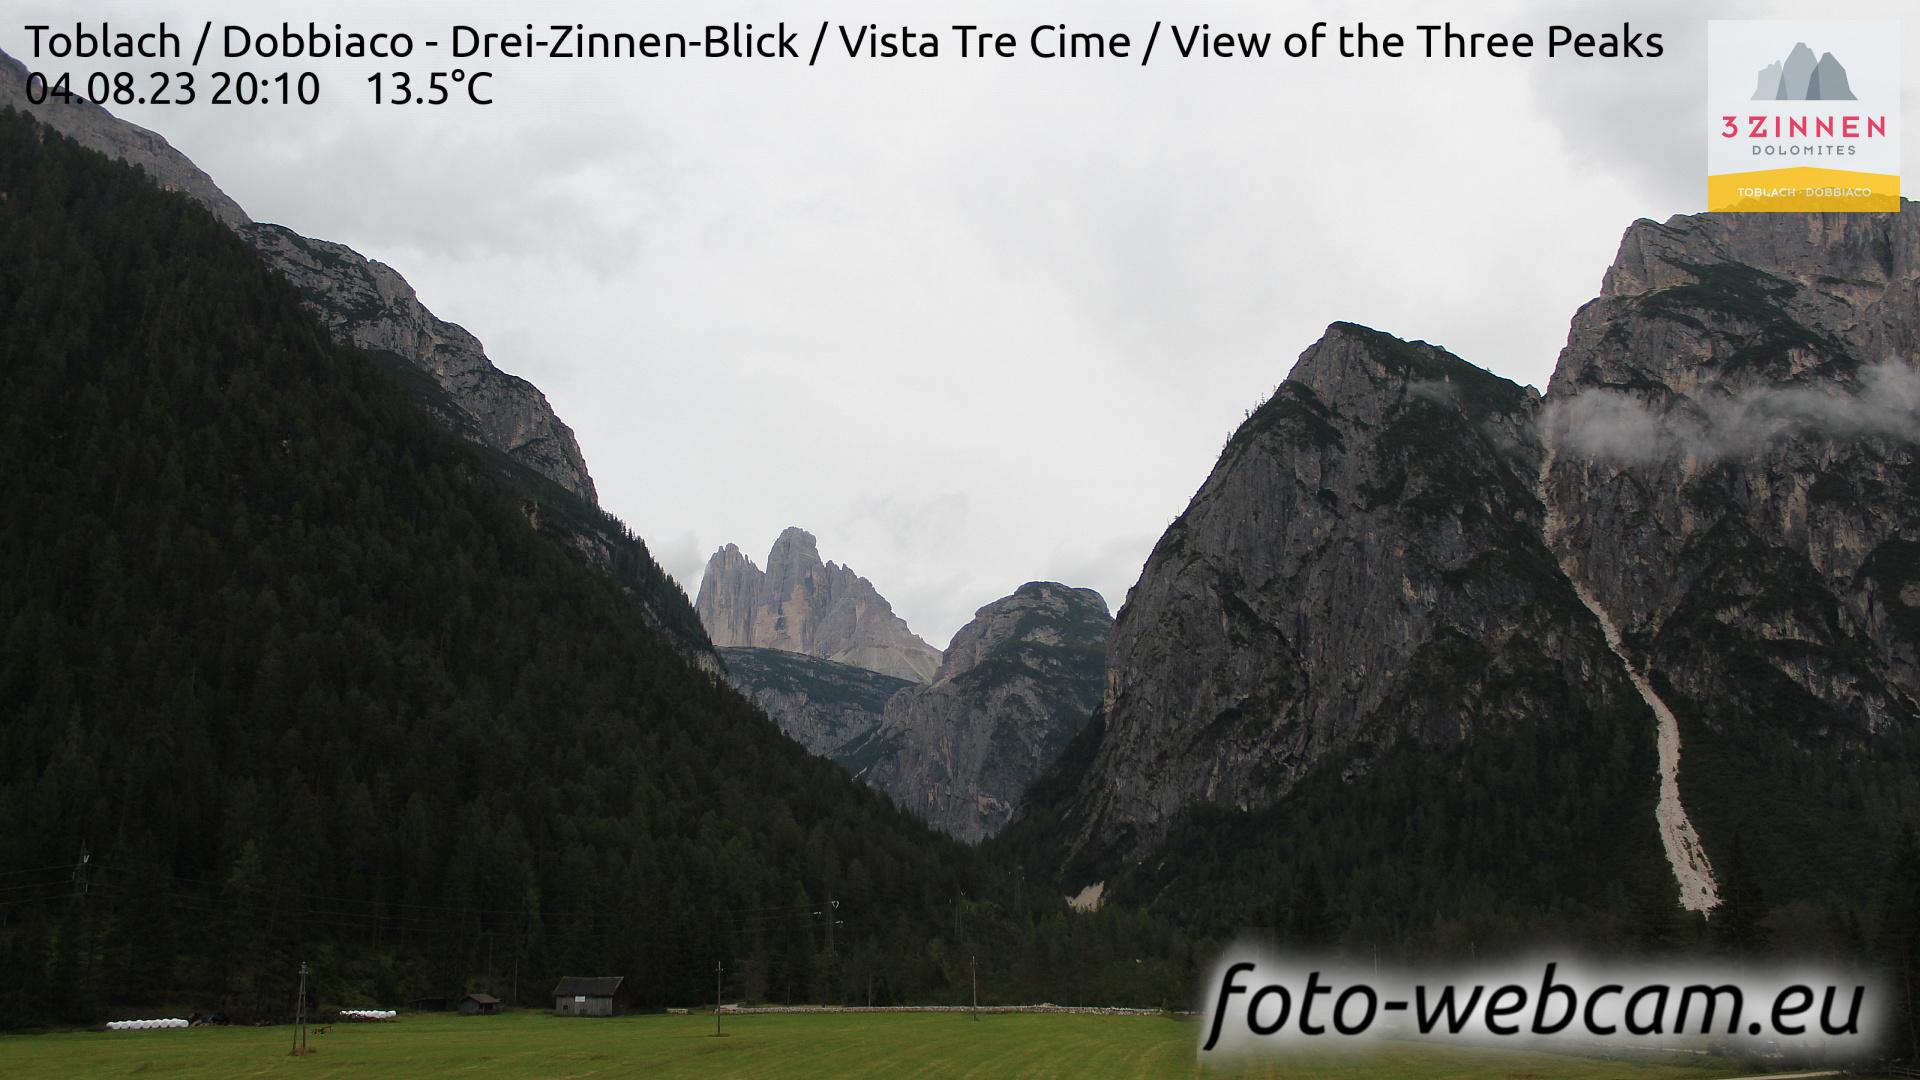 Toblach (Dolomites) Mon. 20:27